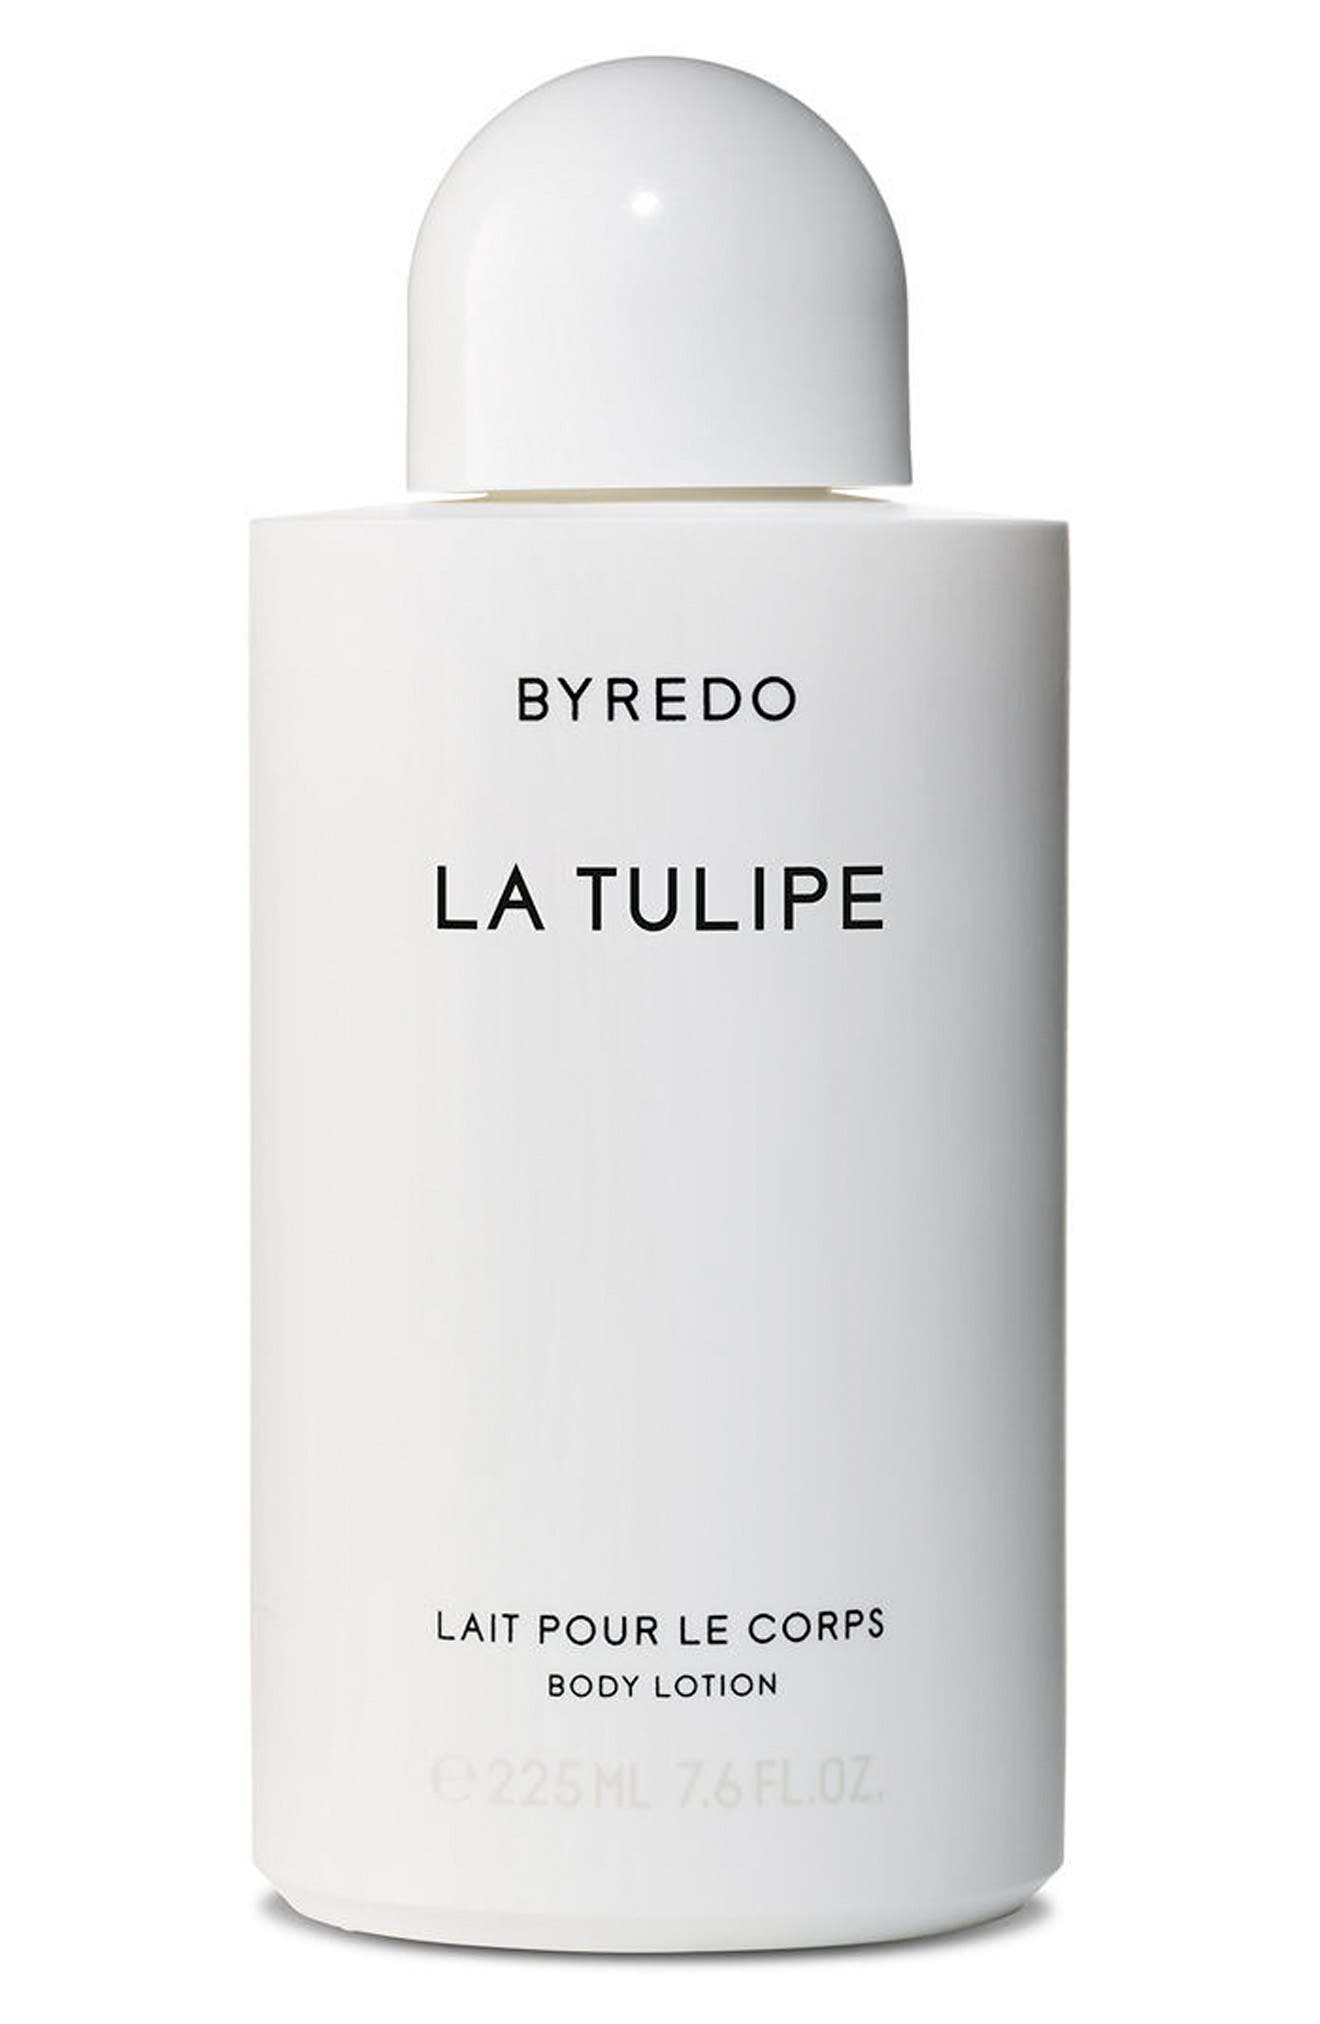 BYREDO La Tulipe Body Lotion